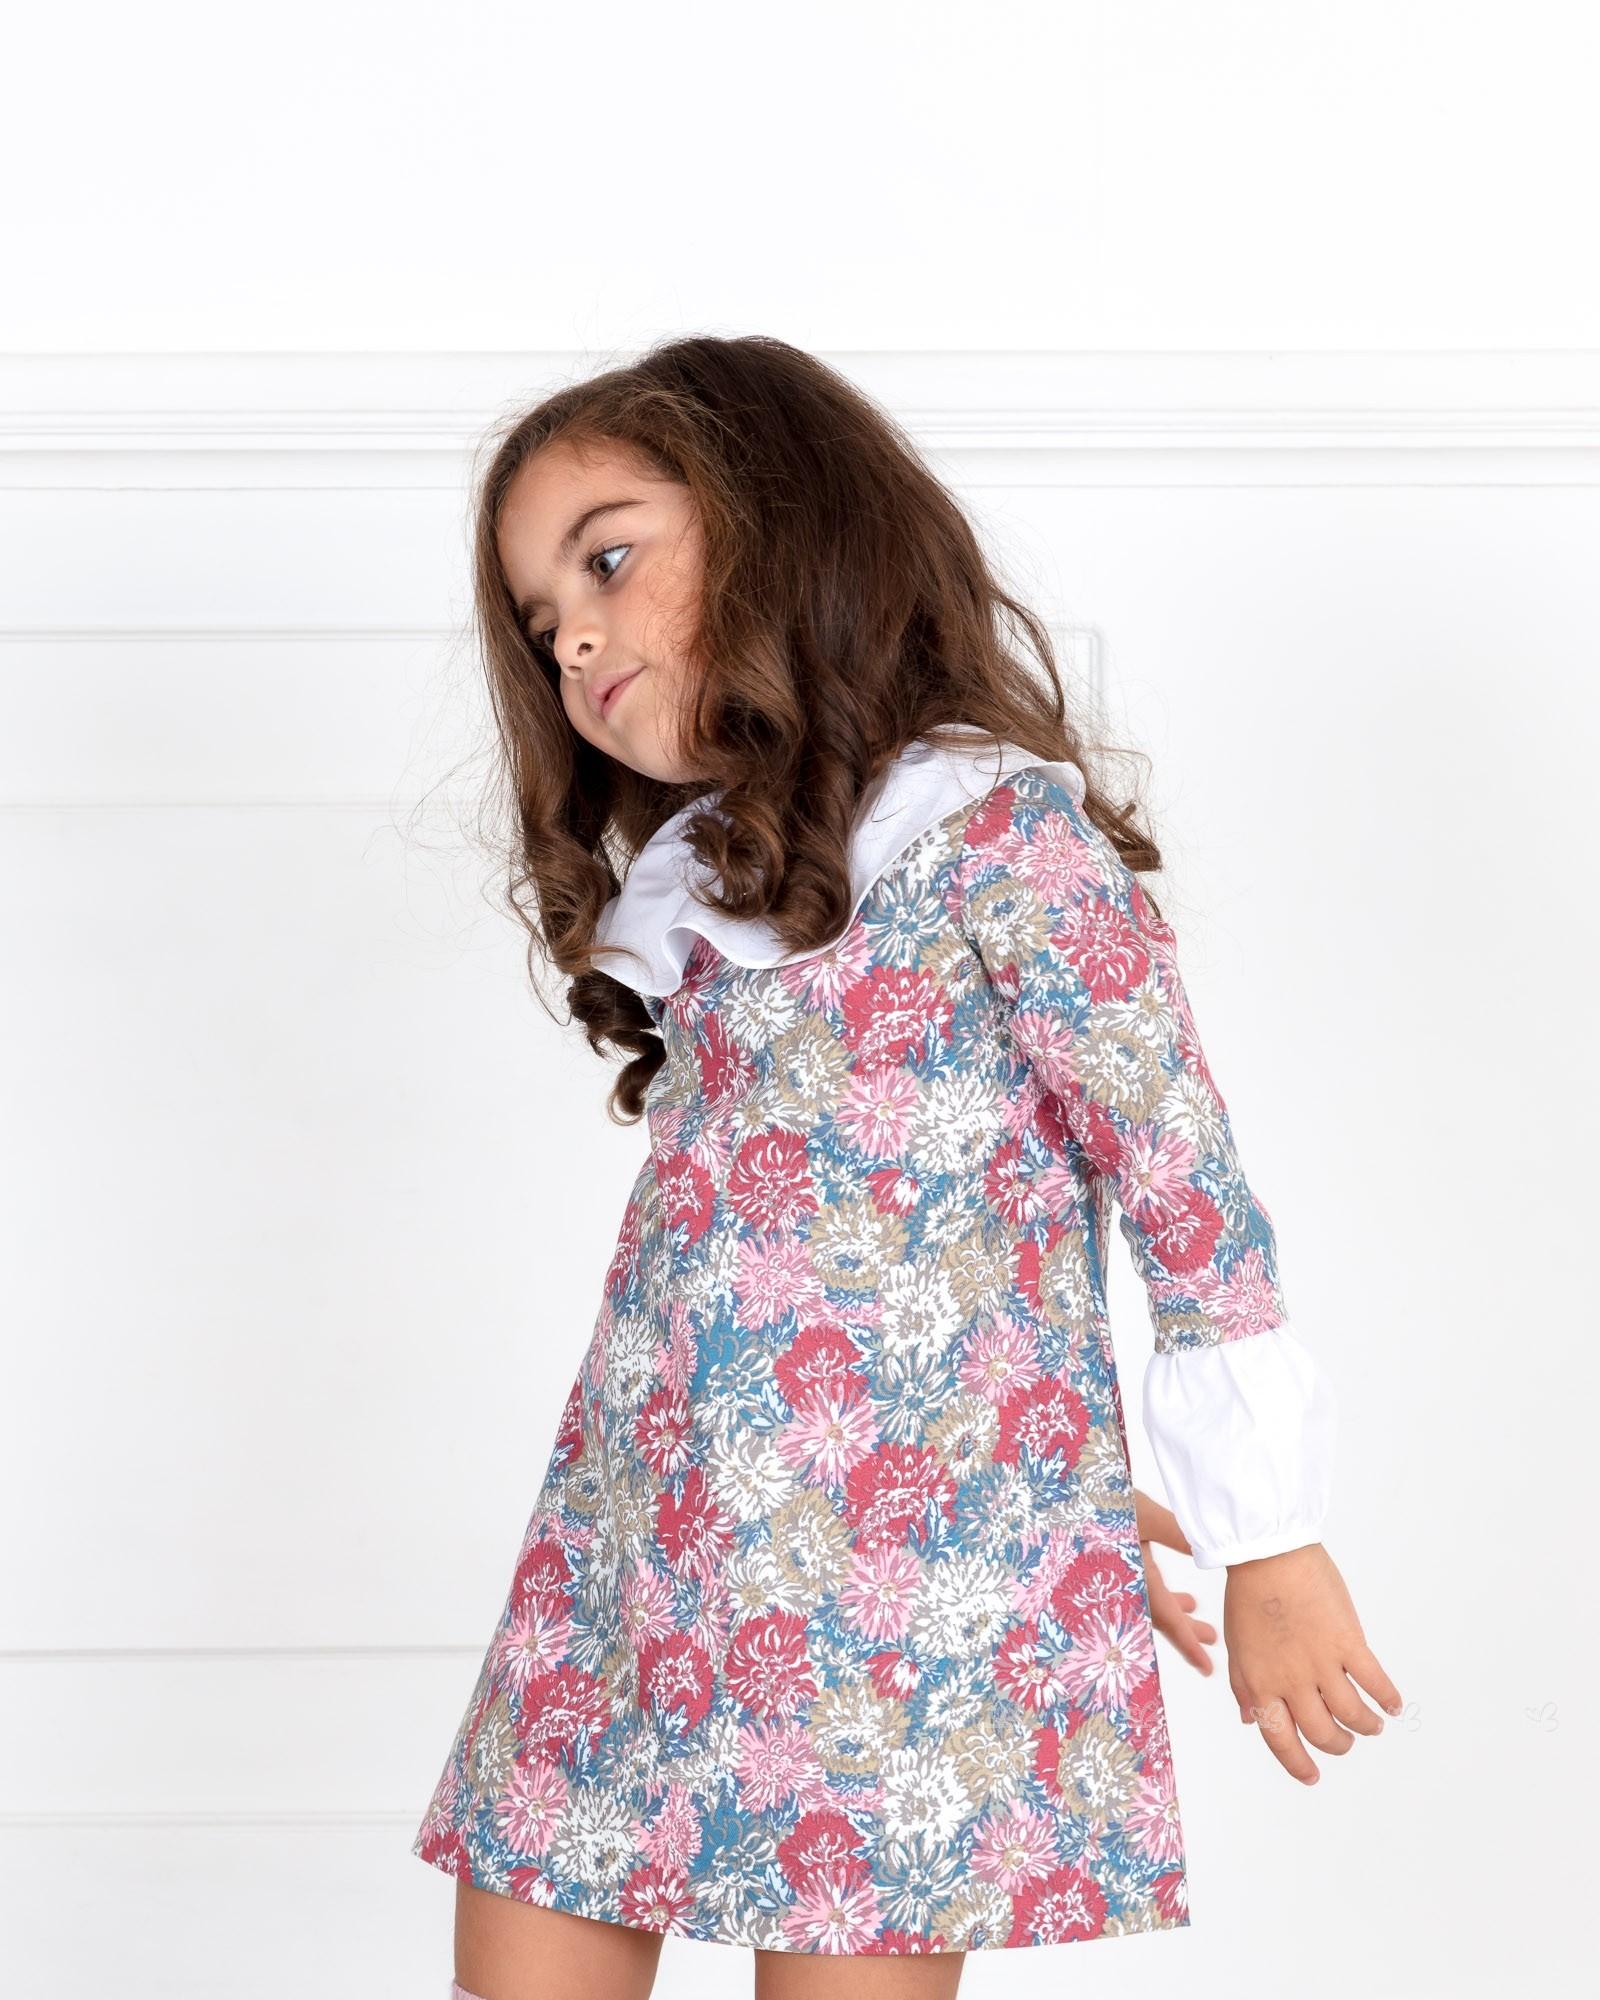 1bfb7f8c848 ... Ancar Vestido Estampado Floral Rosa Cuello   Mangas Popelin Blanco ...